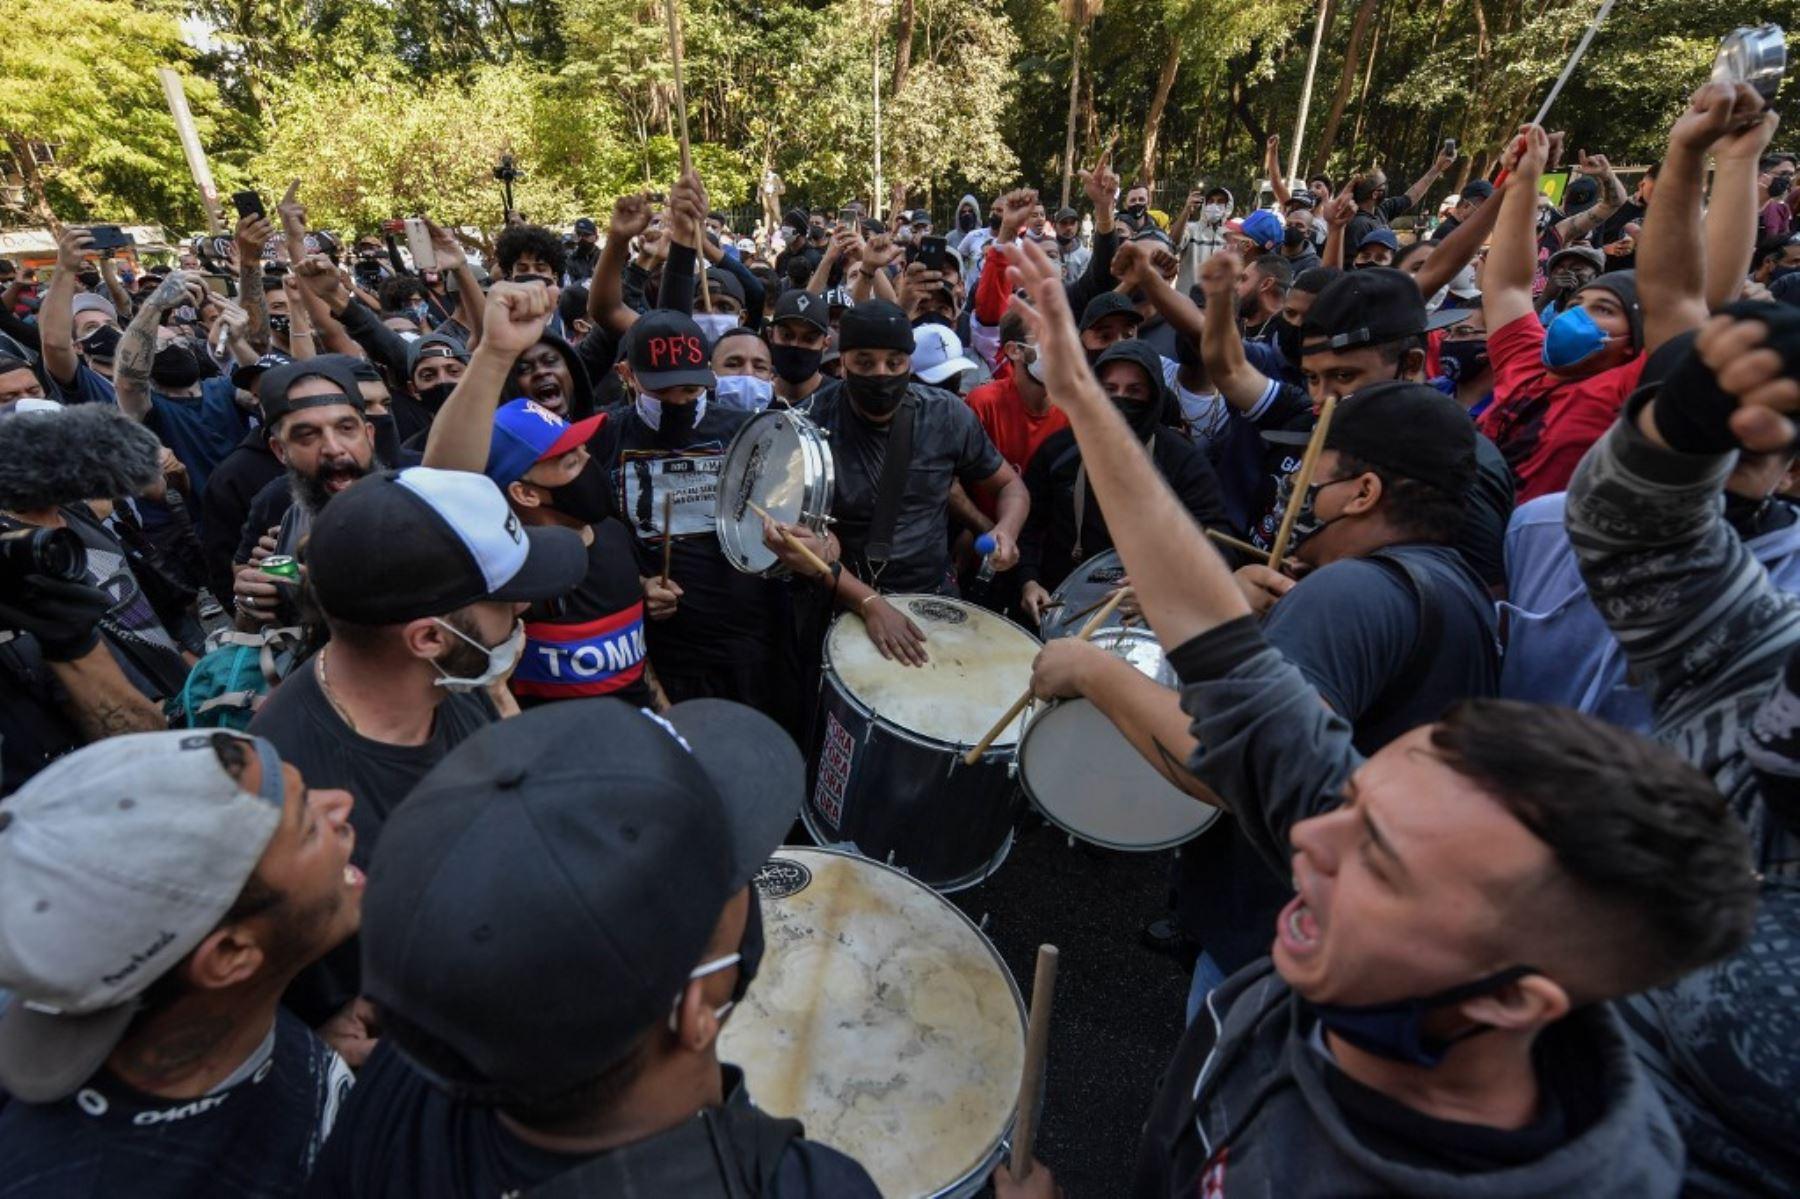 Fanáticos anti Jair Bolsonaro protestan contra él en la avenida Paulista en Sao Paulo, Brasil, en medio de la nueva pandemia de coronavirus del COVID-19. Foto: AFP